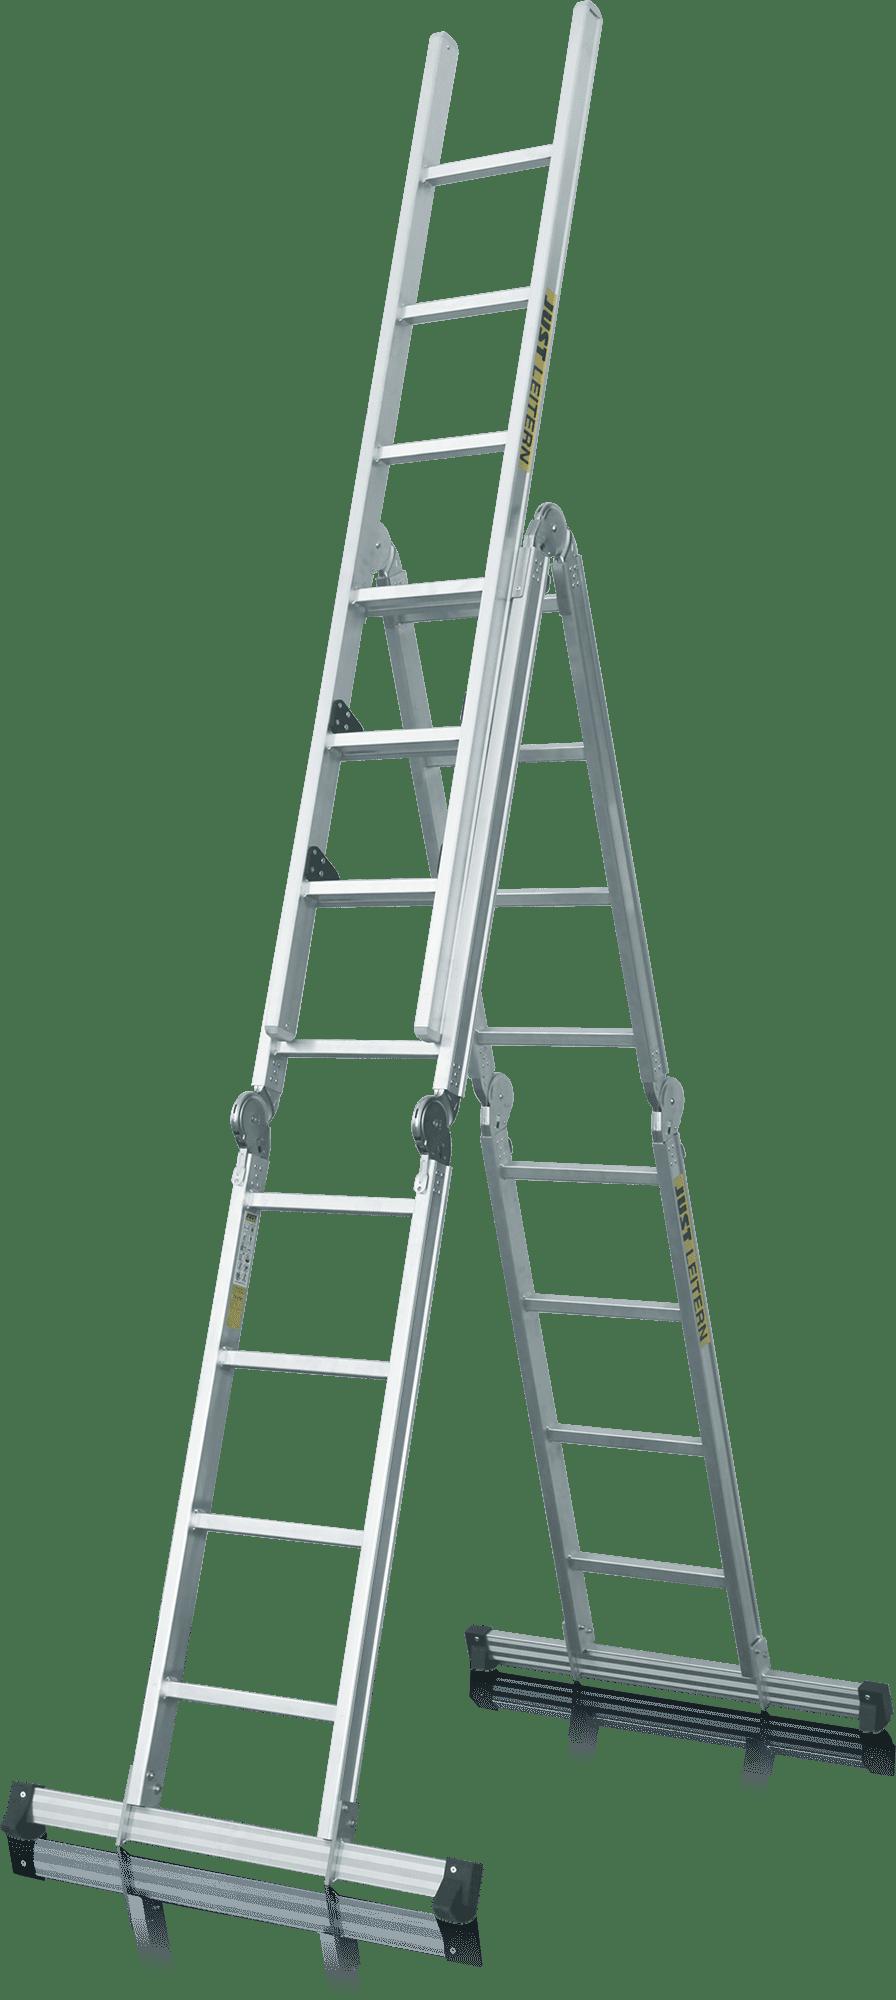 kĺbový rebrík mnohoúčelový profesionálny zváraný s prídavným dielom